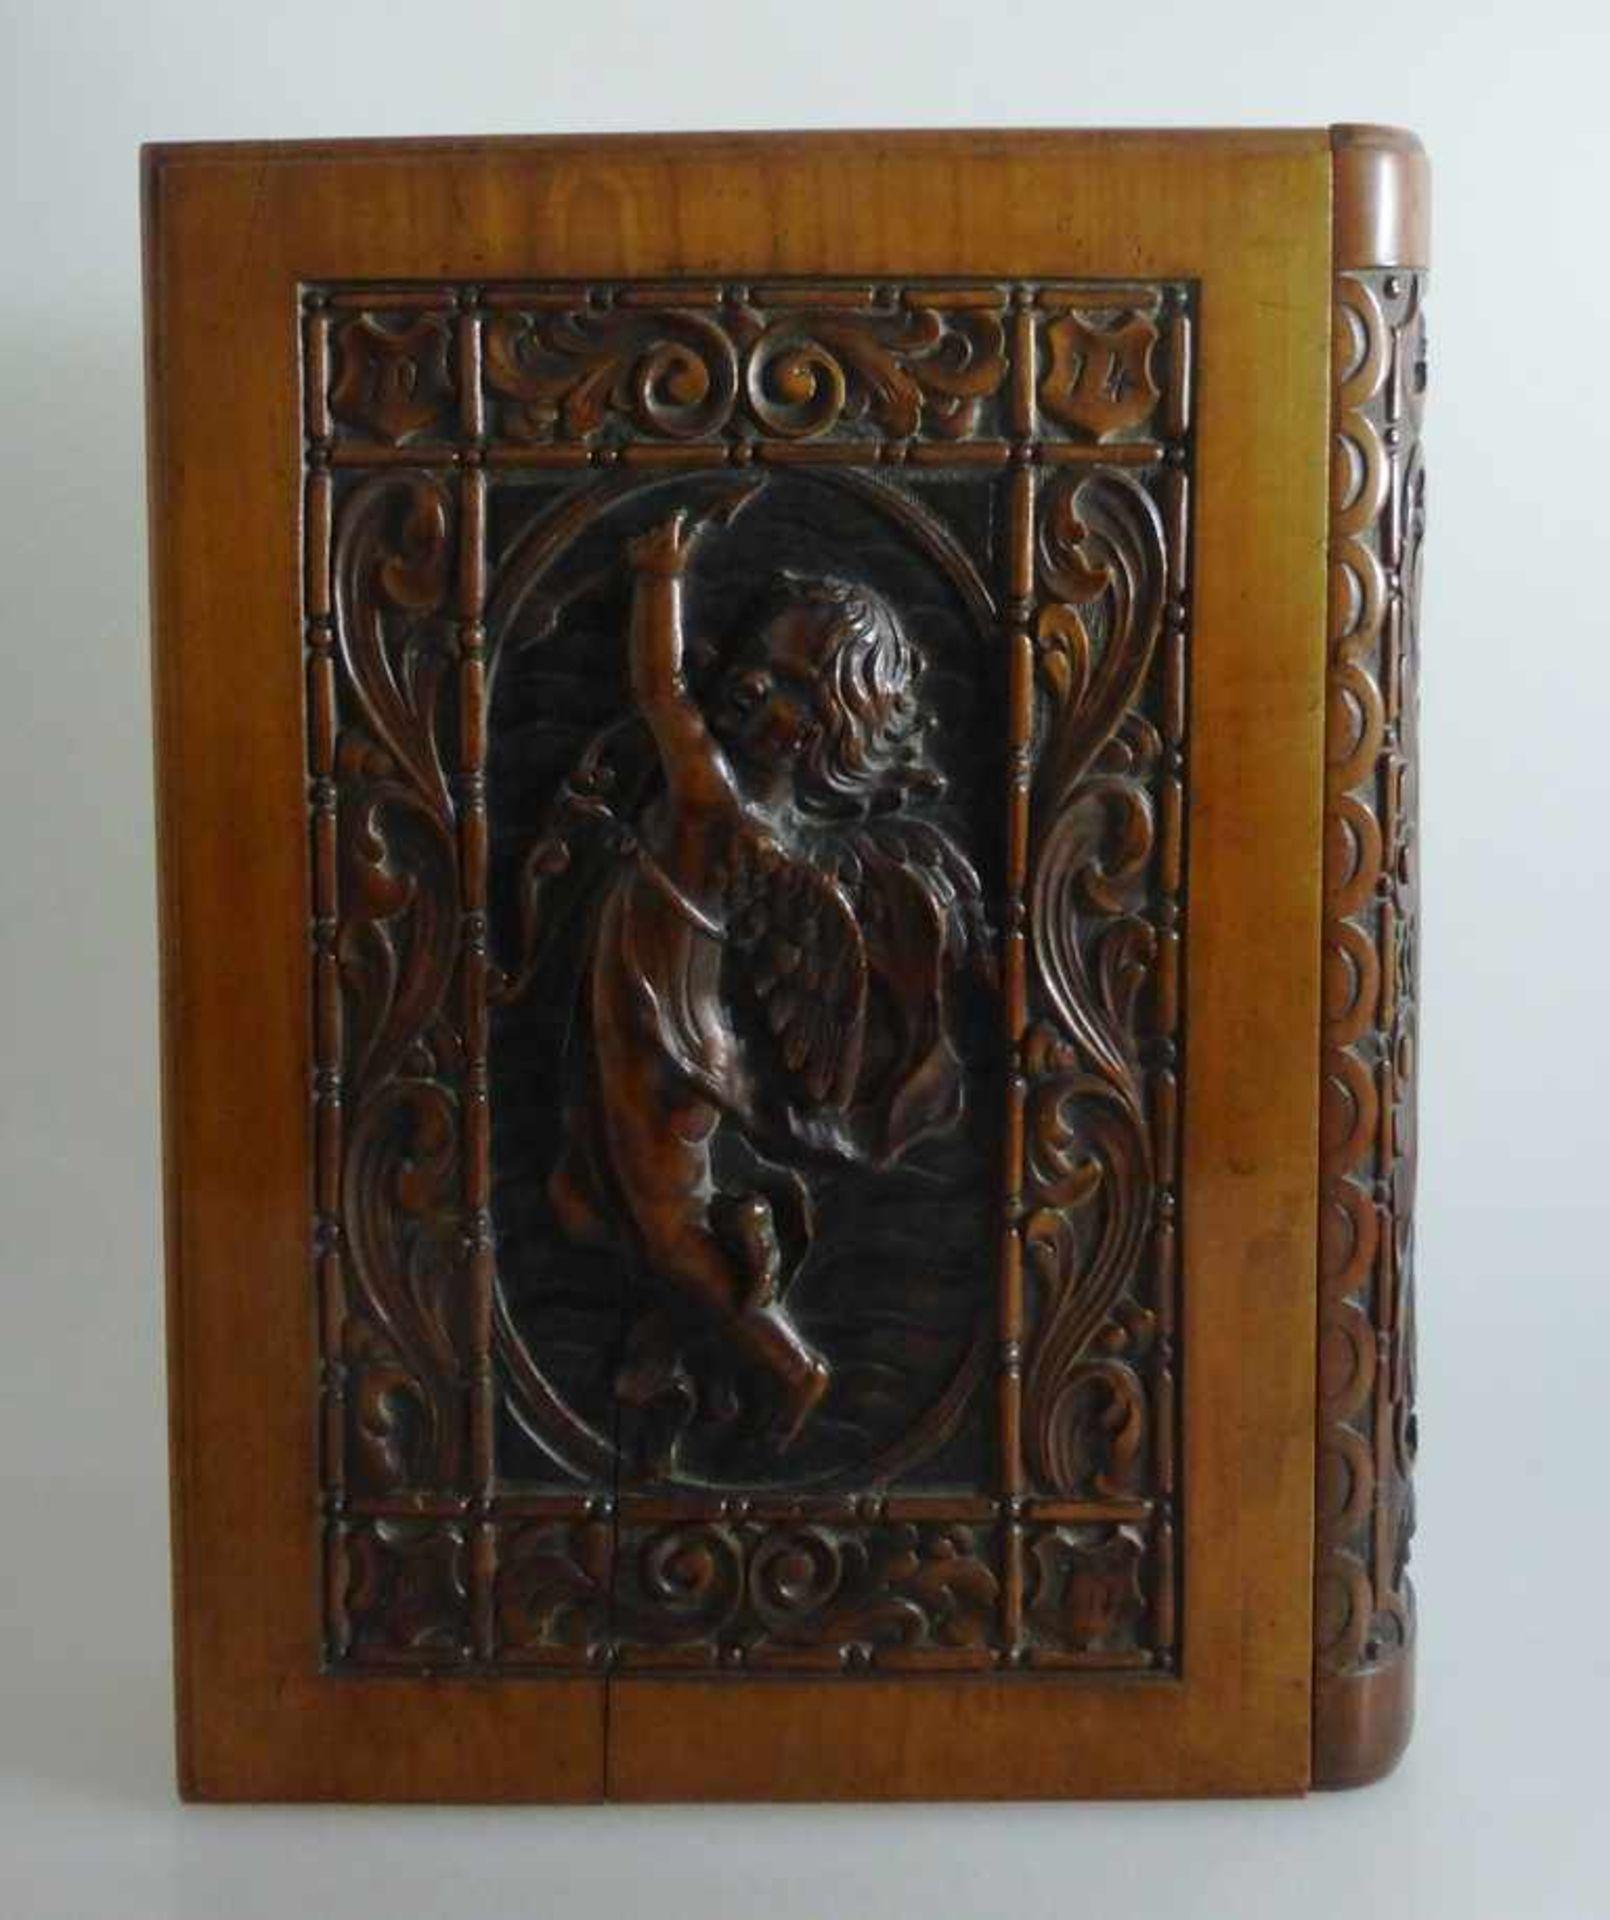 Dekorative Holzschatulle in Buchform, schauseitig reich beschnitzt mit Amor Darstellung,tlw.